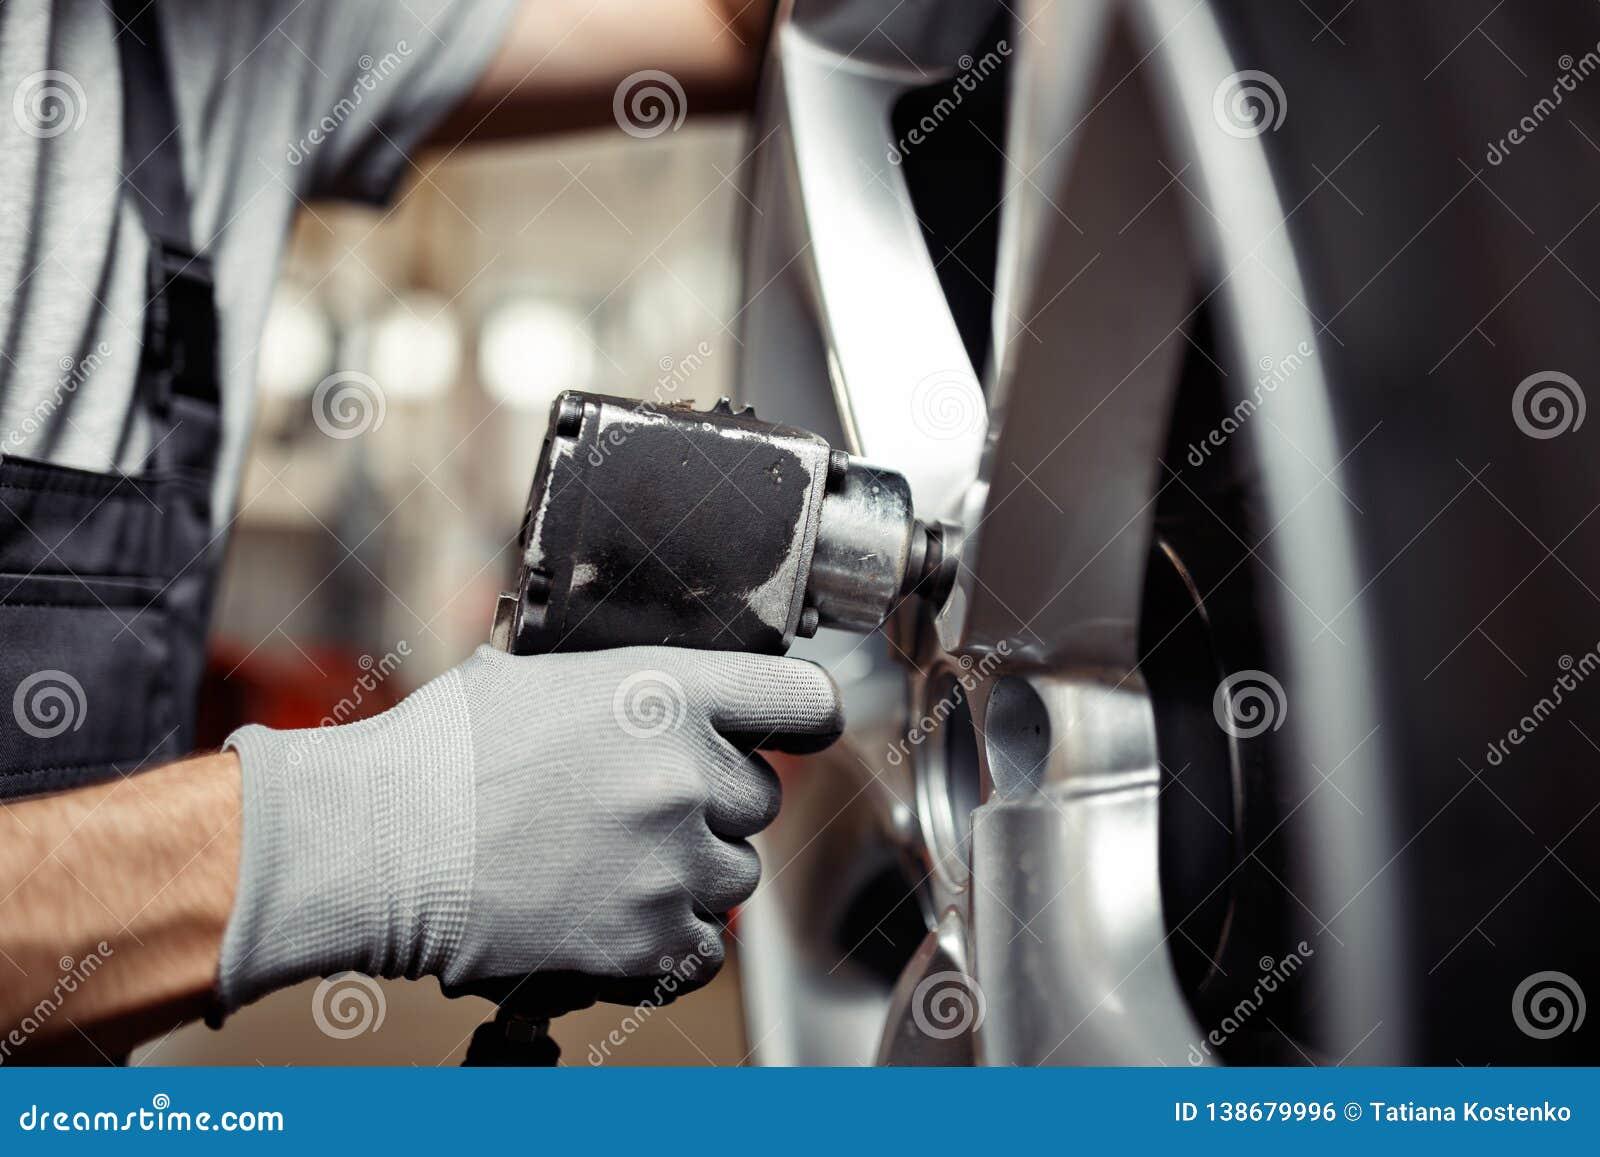 Изменение автошины на обслуживании автомобиля: мастерская ремонта корабля